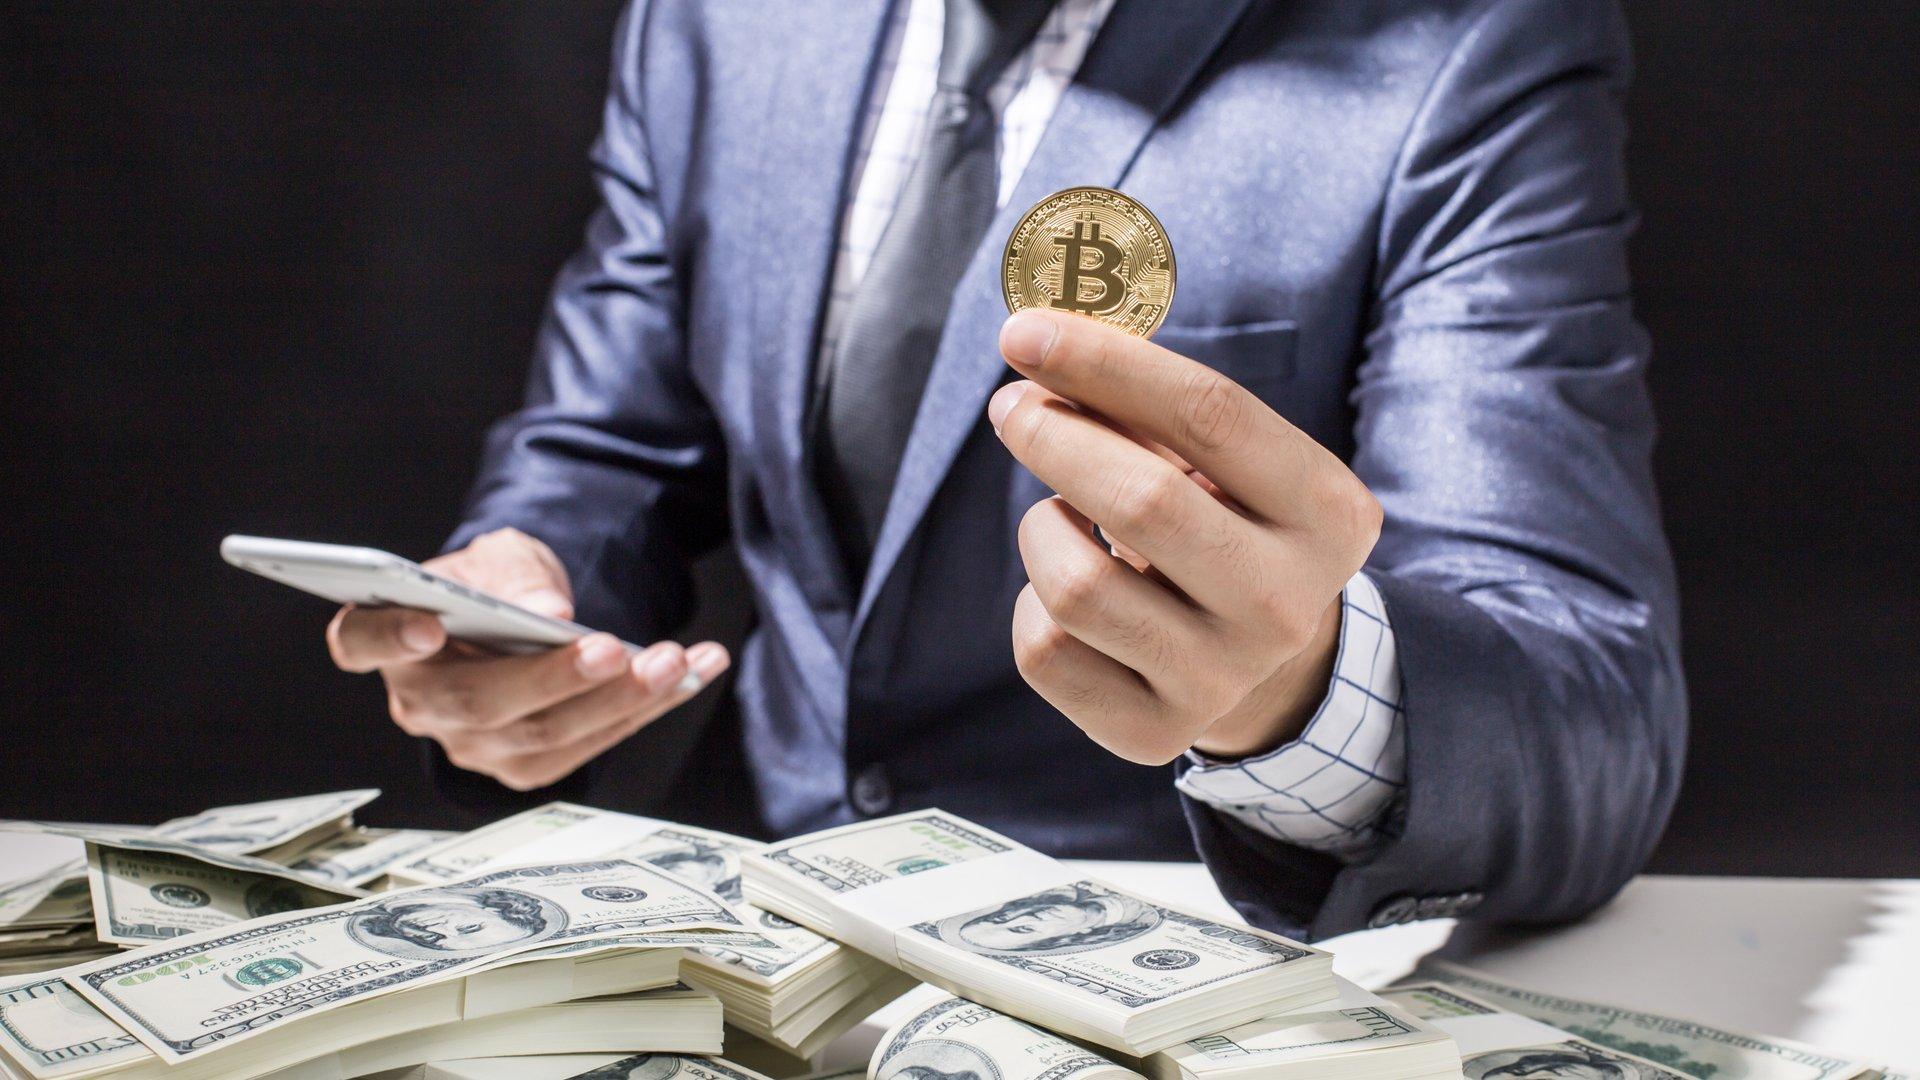 plataforma de comercio em linha 50 centavos invierten bitcoin